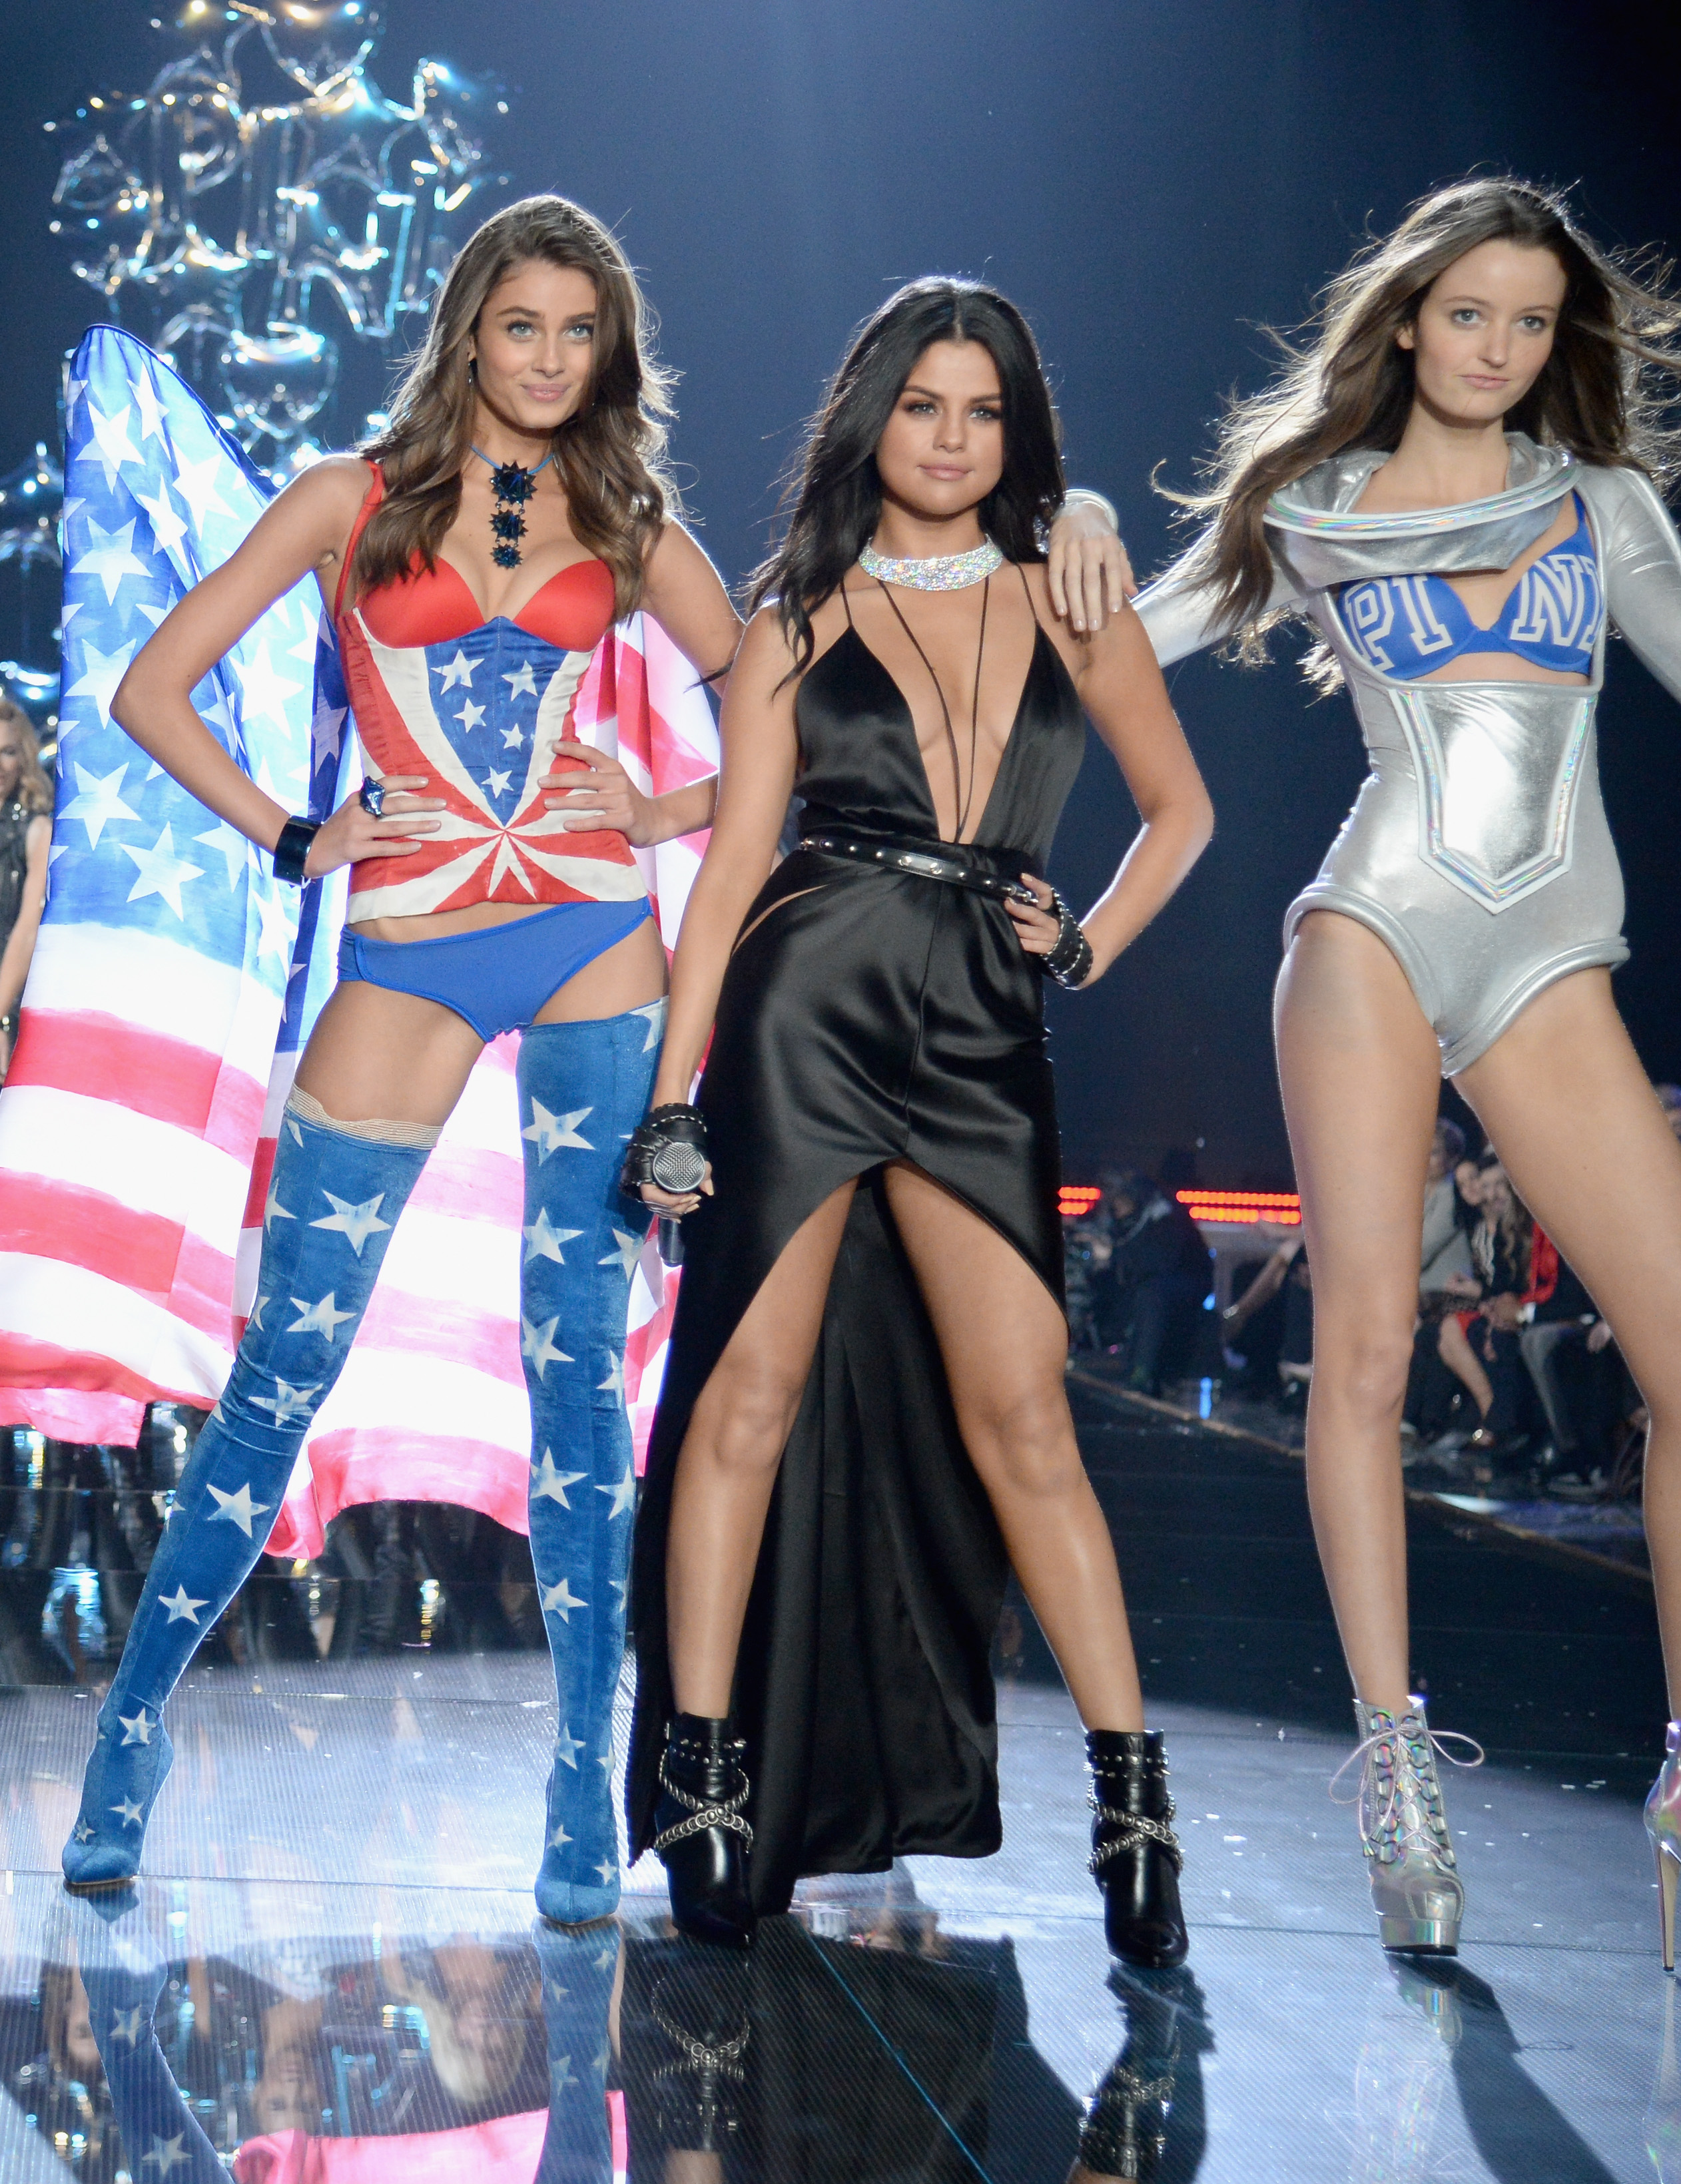 e5b20b63b872f Selena Gomez Wows At Victoria's Secret Fashion In 3 Sexy Looks ...